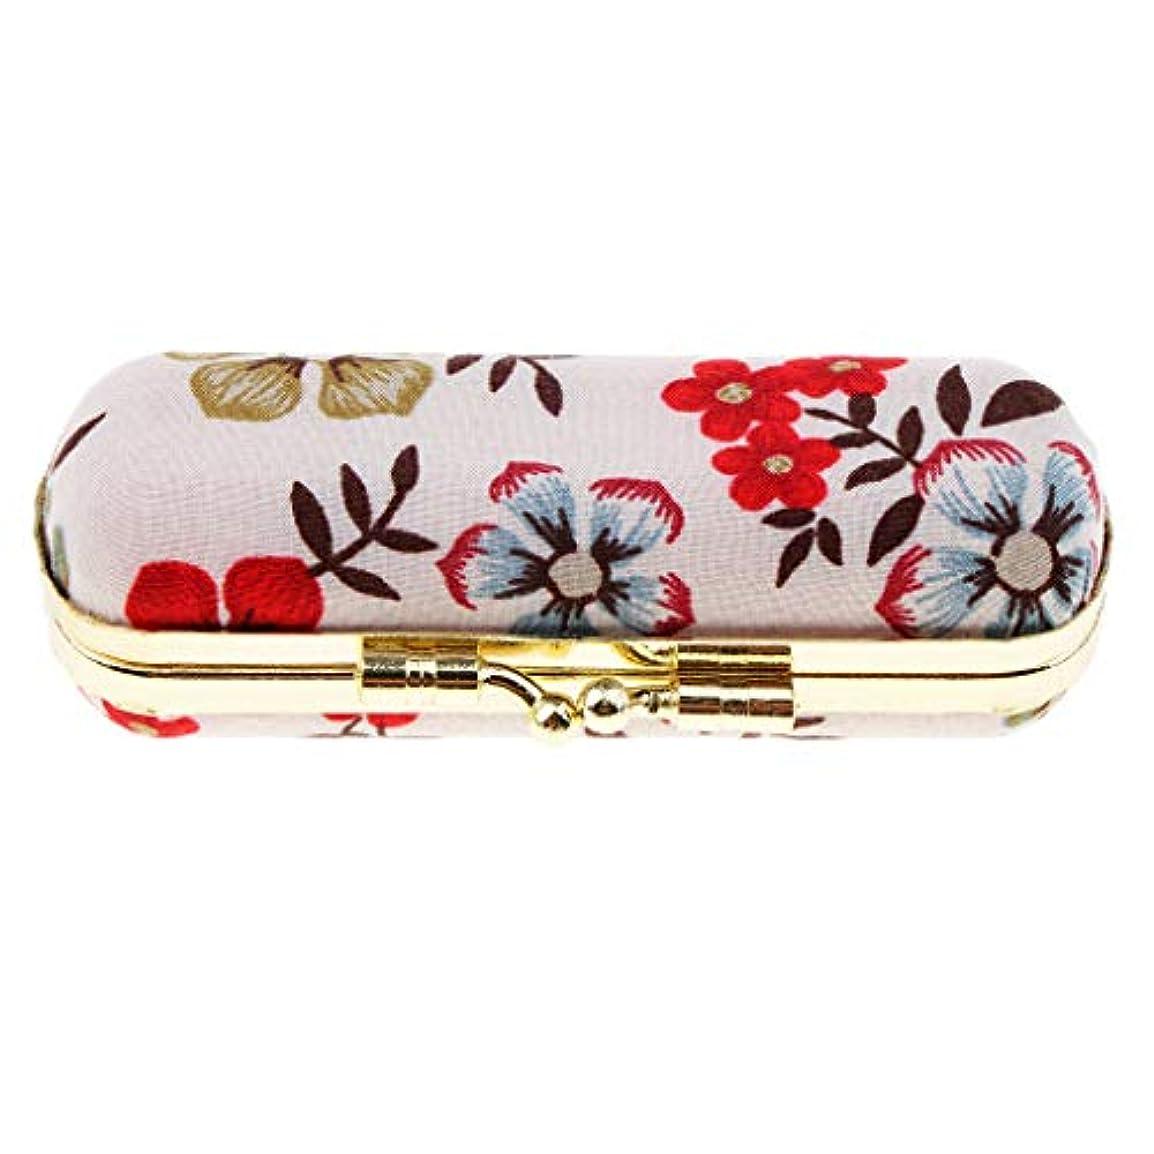 アリス内向き重々しいPerfeclan リップスティックケース デザイン 口紅 リップグロスケース 収納ボックス 鏡付き クリーム 7タイプ選べ - レトロE